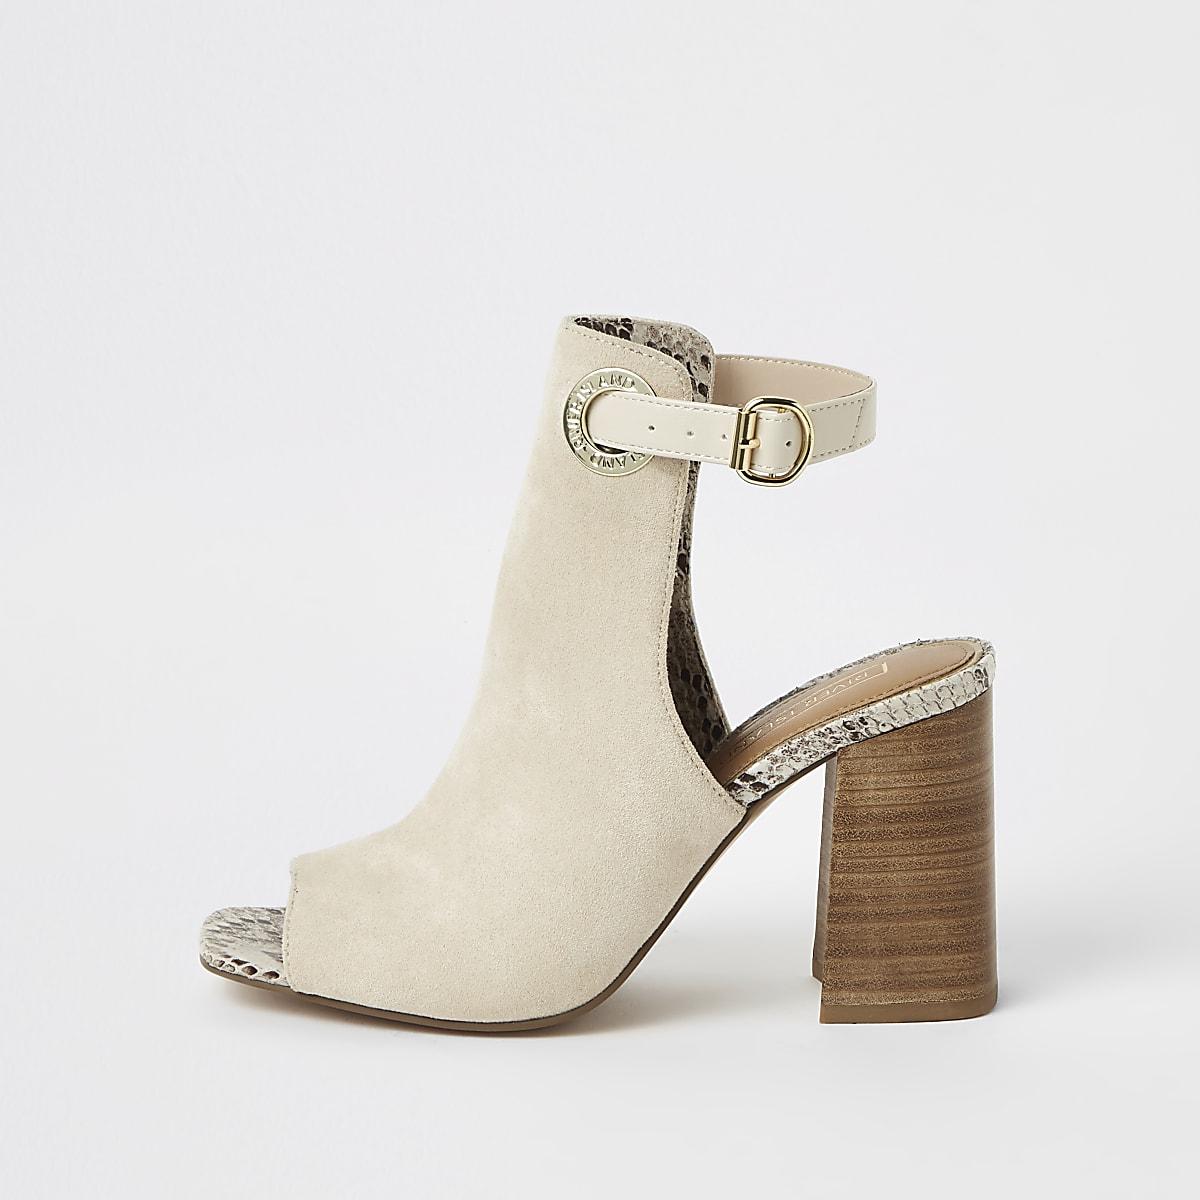 Beige buckle block heel shoe boots